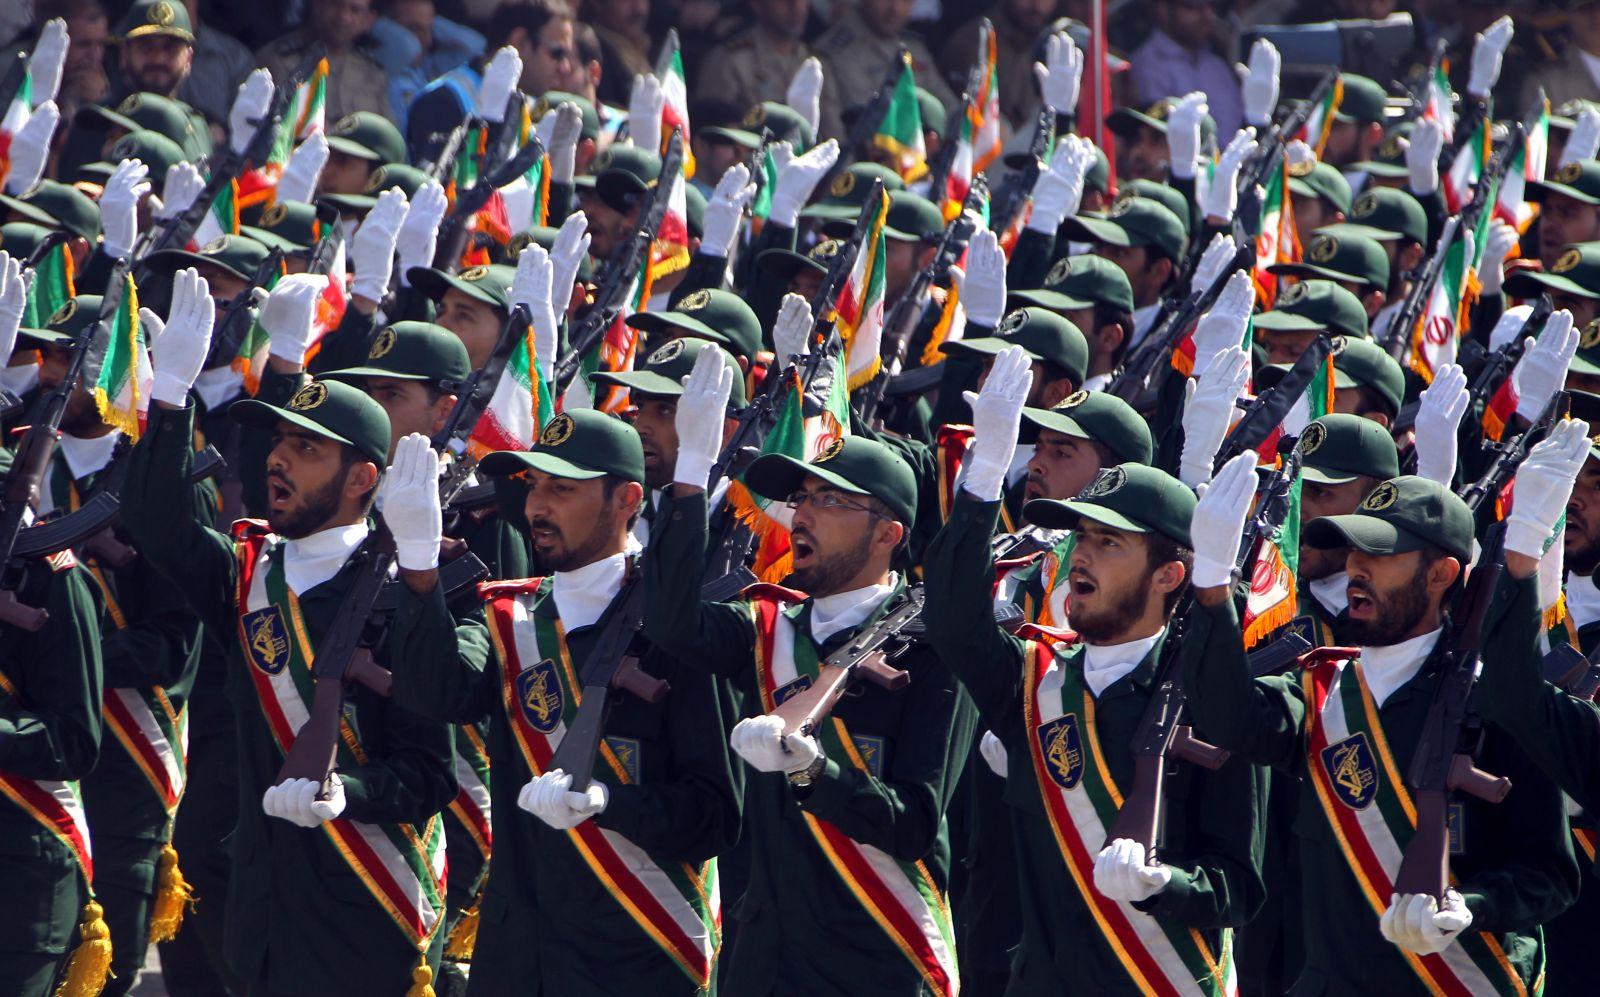 بعد رفع العقوبات..العدوانية الإيرانية باقية